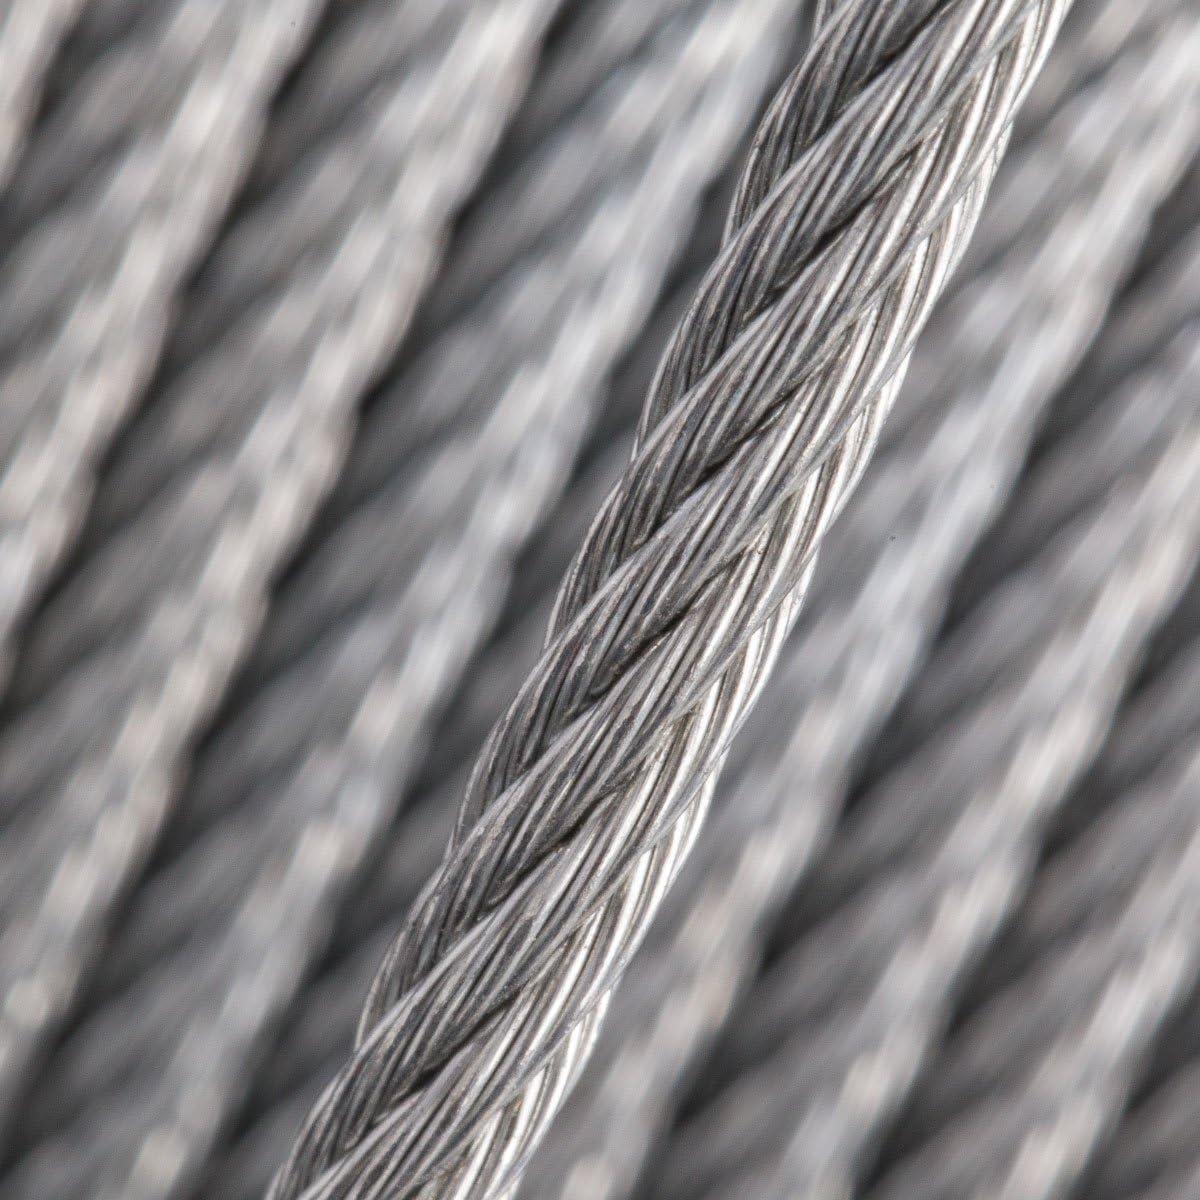 Seilwerk STANKE C/âble dAcier Galvanis/é DIN Corde Foresti/ère Corde de Levage C/âble de Treuil 1x19 2 mm 40 m